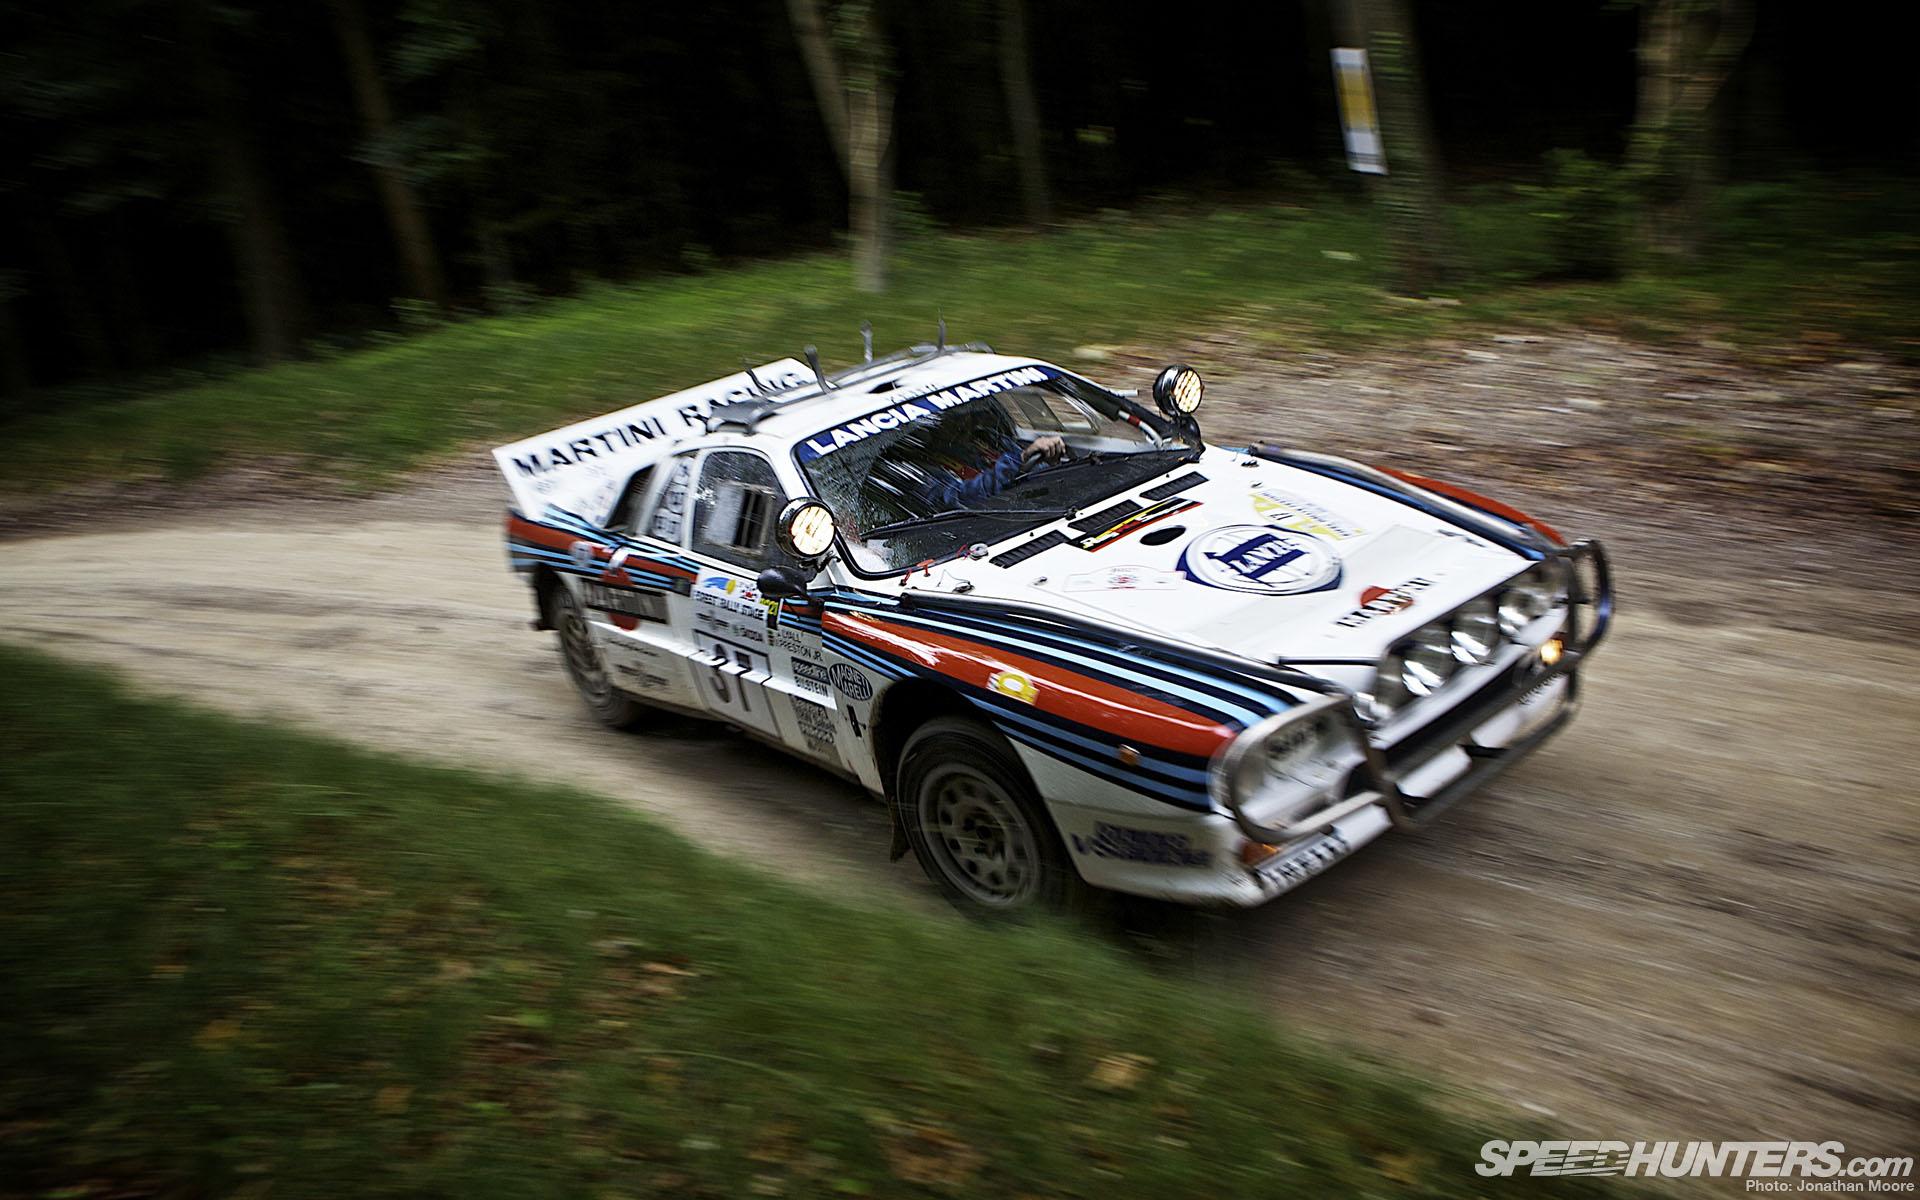 Porsche Race Car Wallpaper 1920x1080 Lancia 037 Wallpaper For You Rally Fans